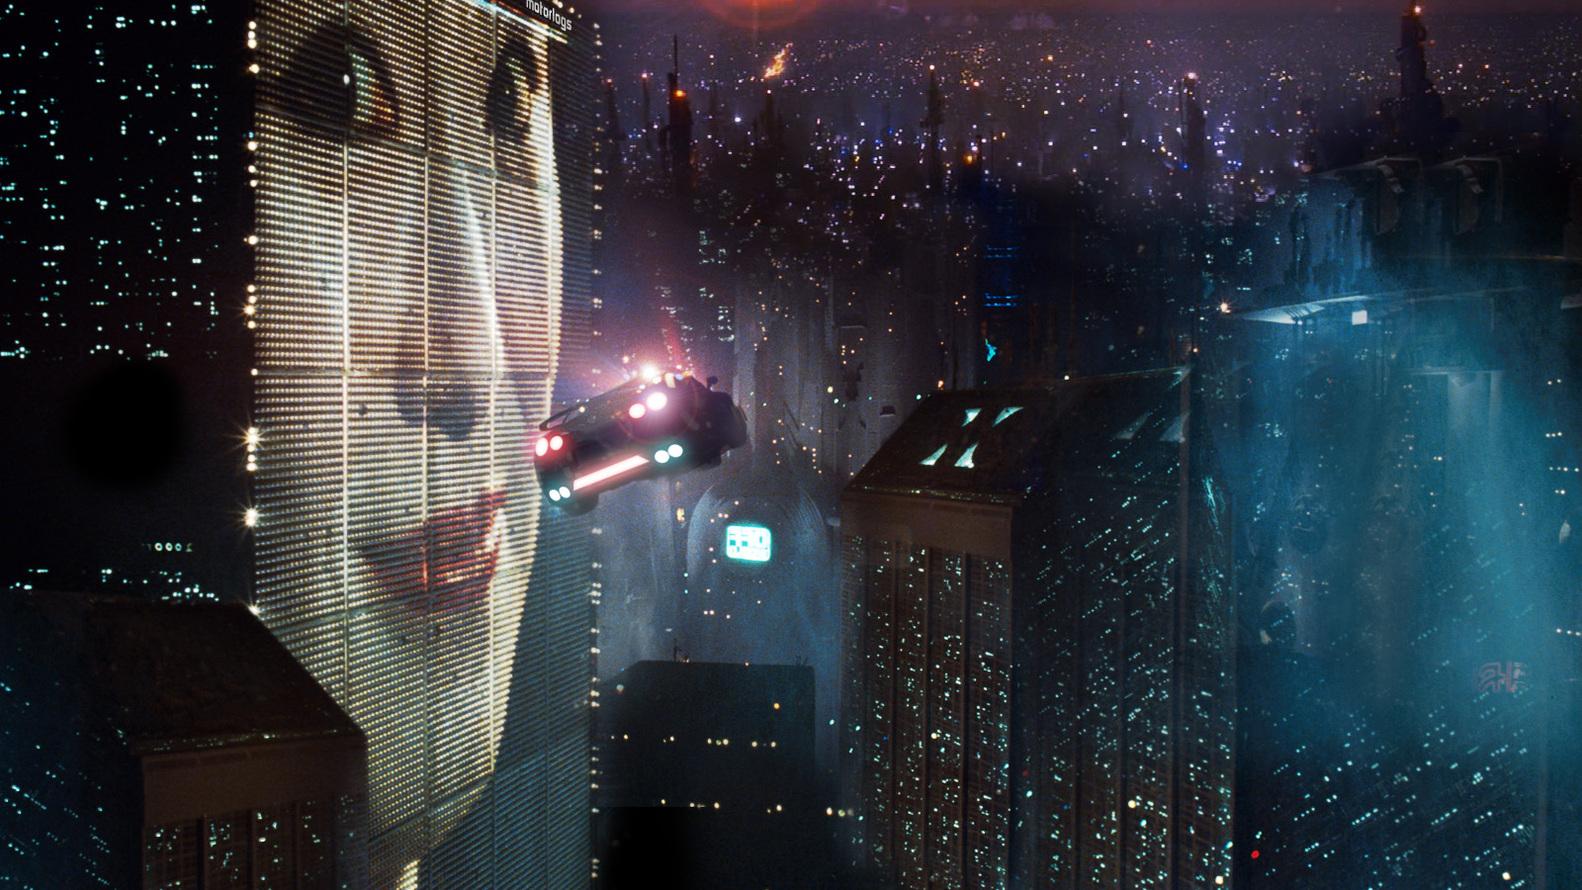 مگالاپولیس (زنجیرهای از چندمنطقه کلانشهری که تقریباً به یکدیگر پیوند خوردهاند) خیالی San Angeles در فیلم Blade Runner – The android hunter به کارگردانی ریدلی اسکات (Ridley Scott)